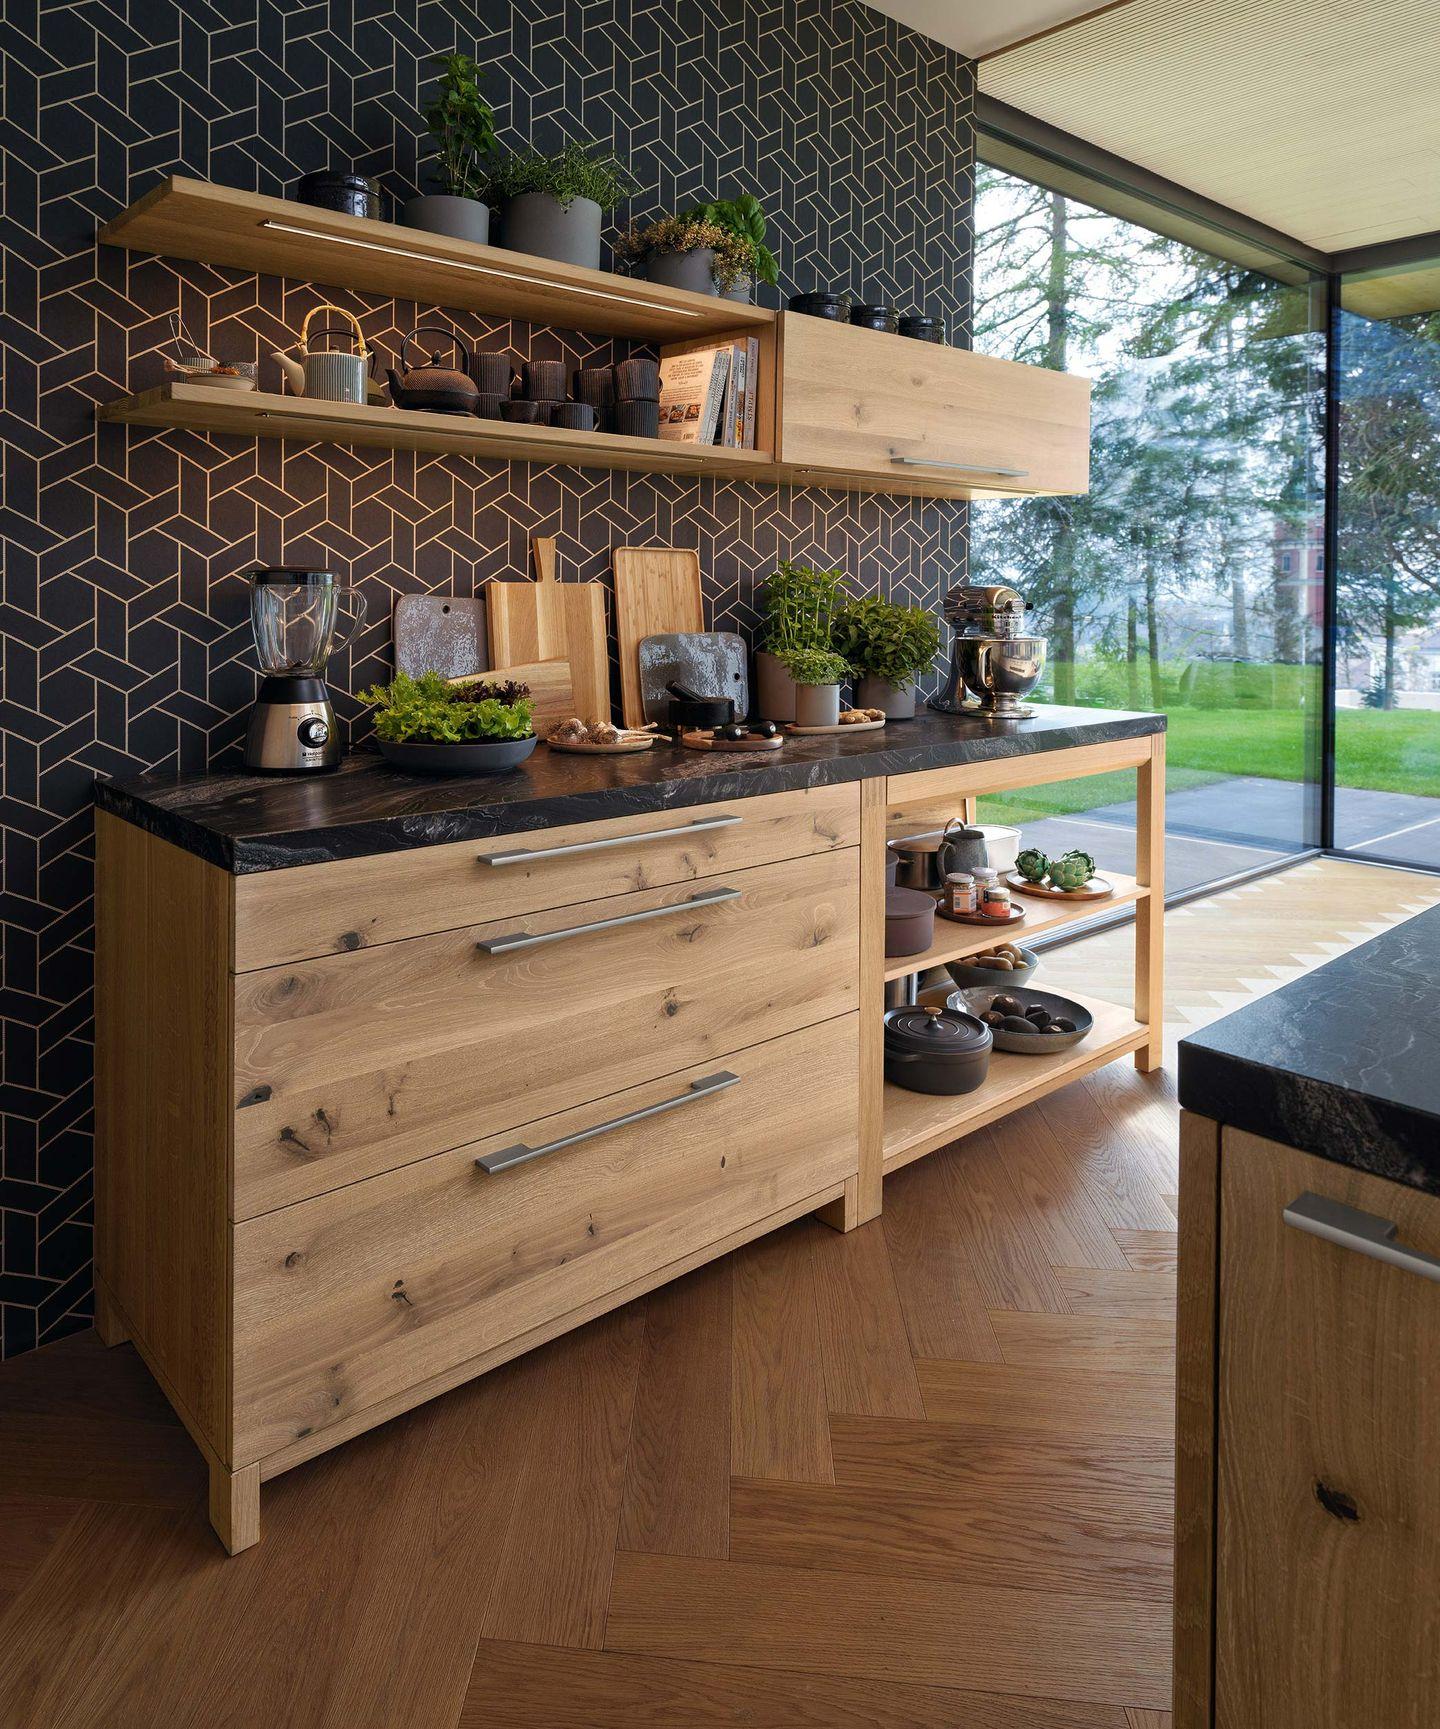 Часть кухни loft со стеллажом и навесным шкафом